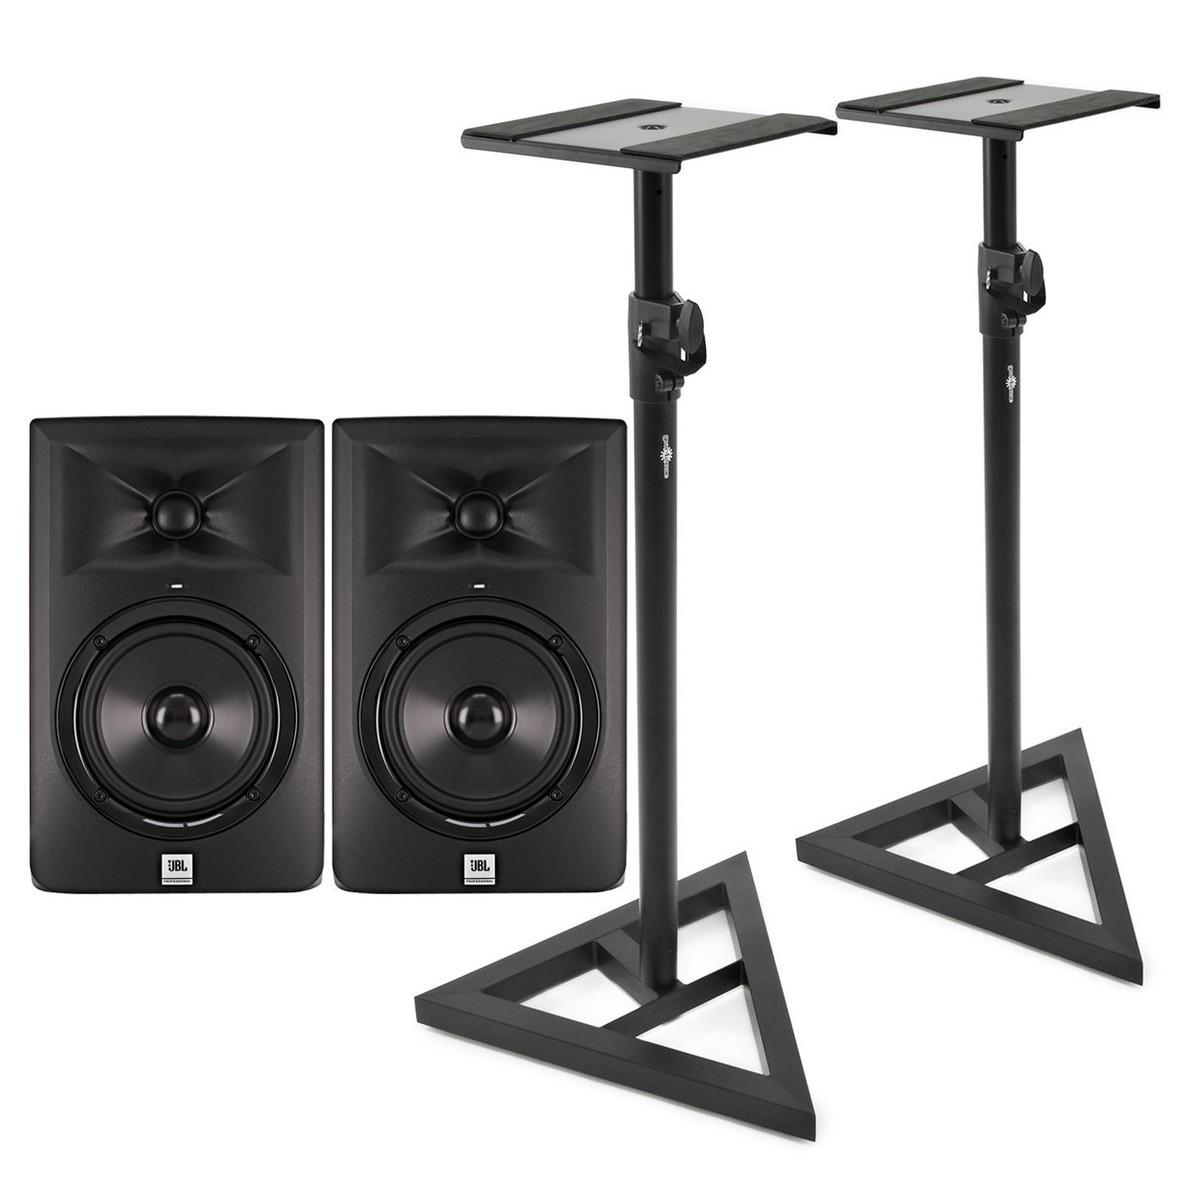 JBL 305 + Lautsprecher Ständer, nur reservieren möglich